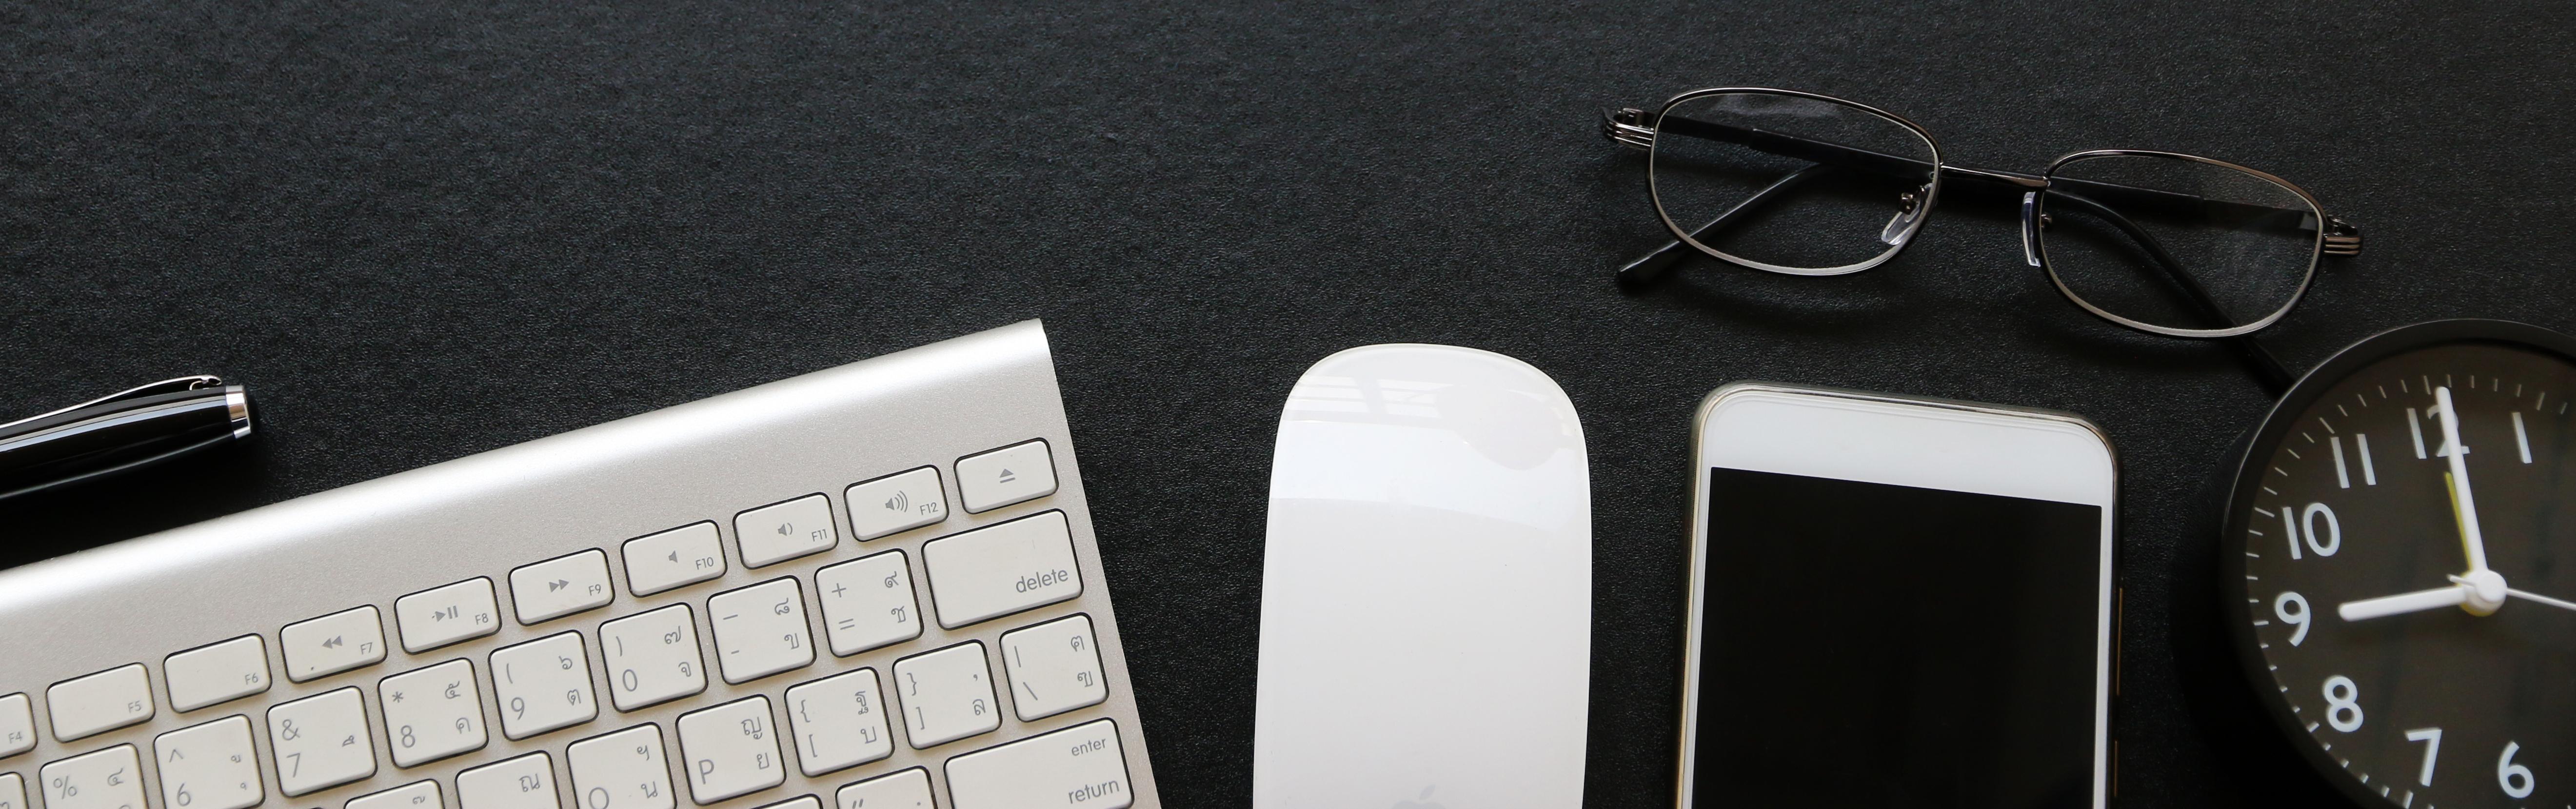 Tastatur, Maus, Smartphine, Uhr und Lesebrille liegen auf einem schwarzen Schreibtisch